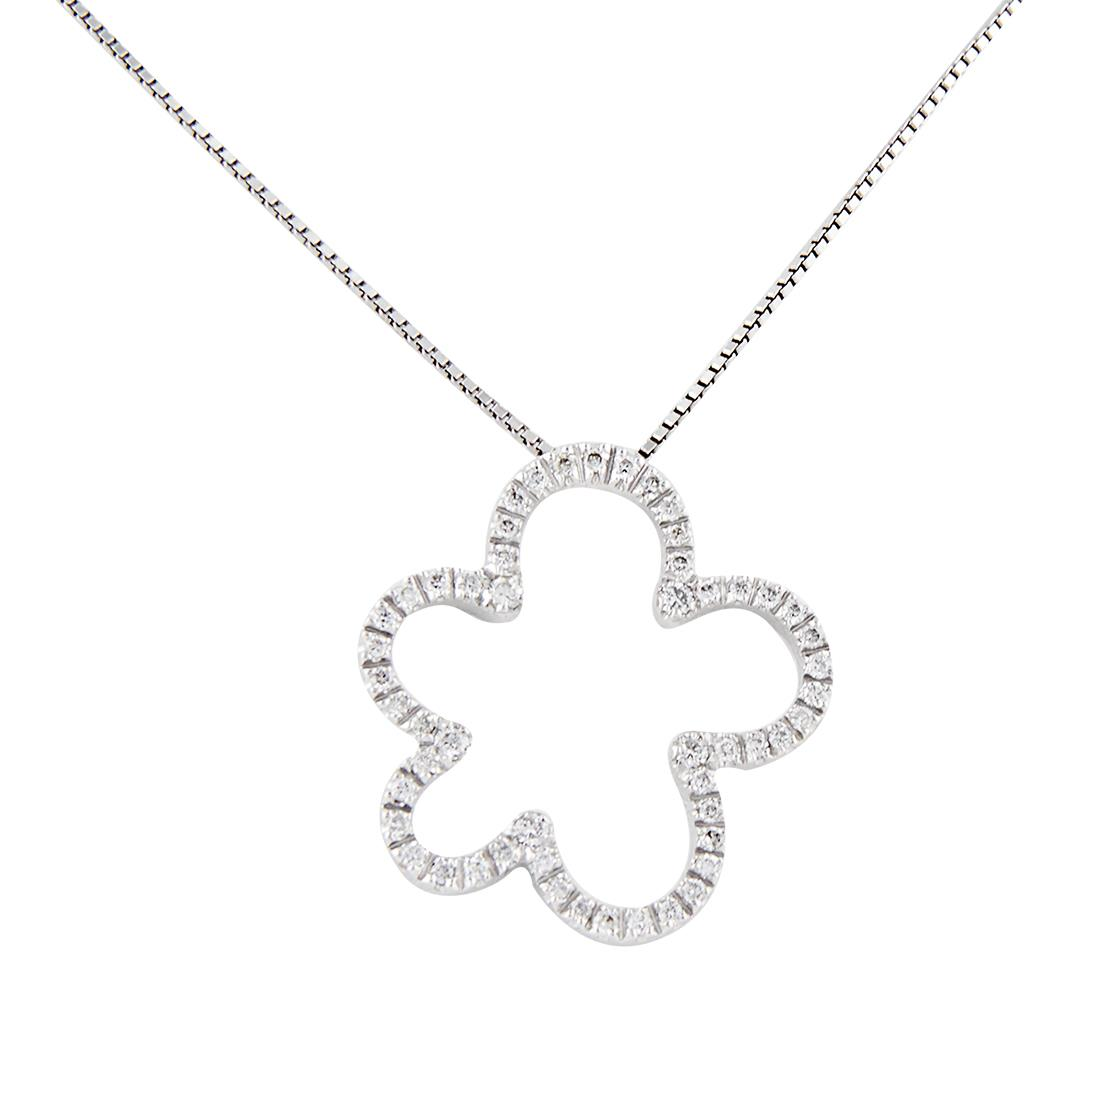 Oro&Co white gold necklace - ORO&CO